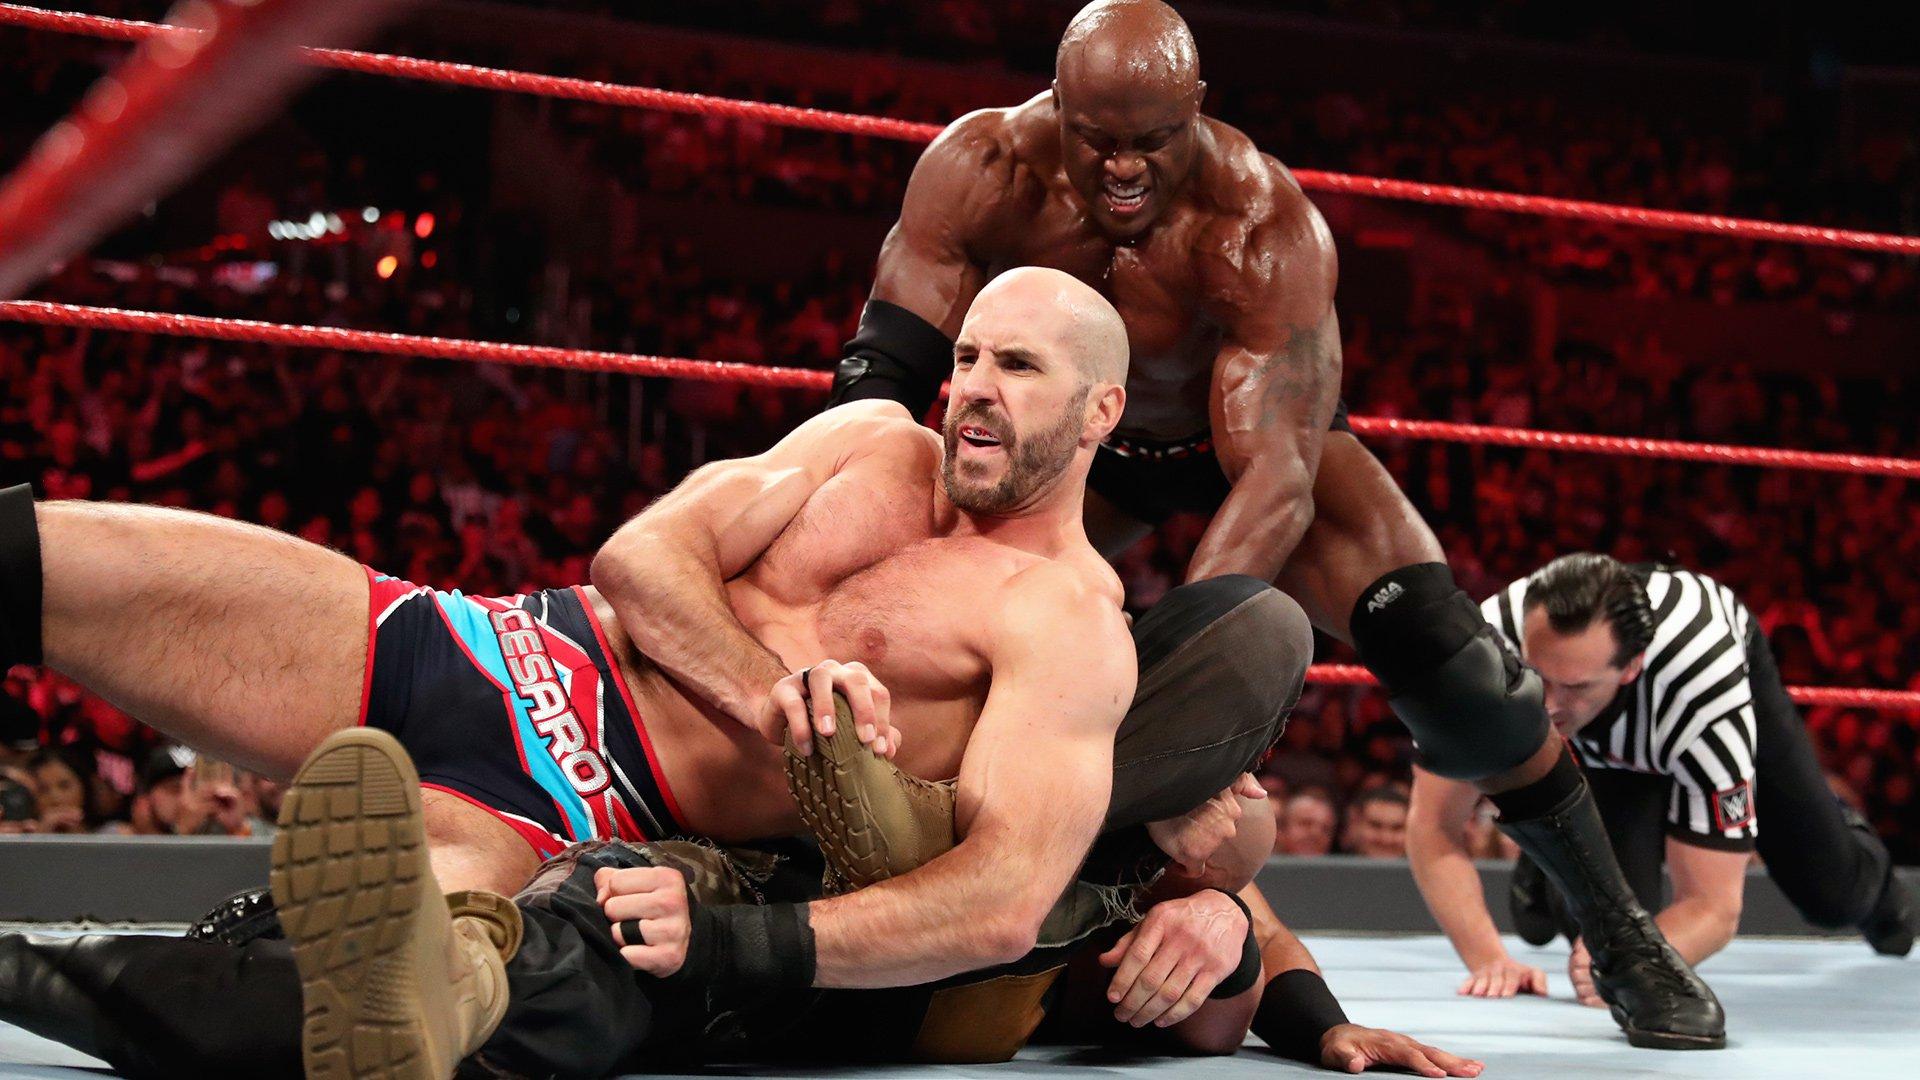 Les Meilleurs Moments de Raw: 17 Juin 2019